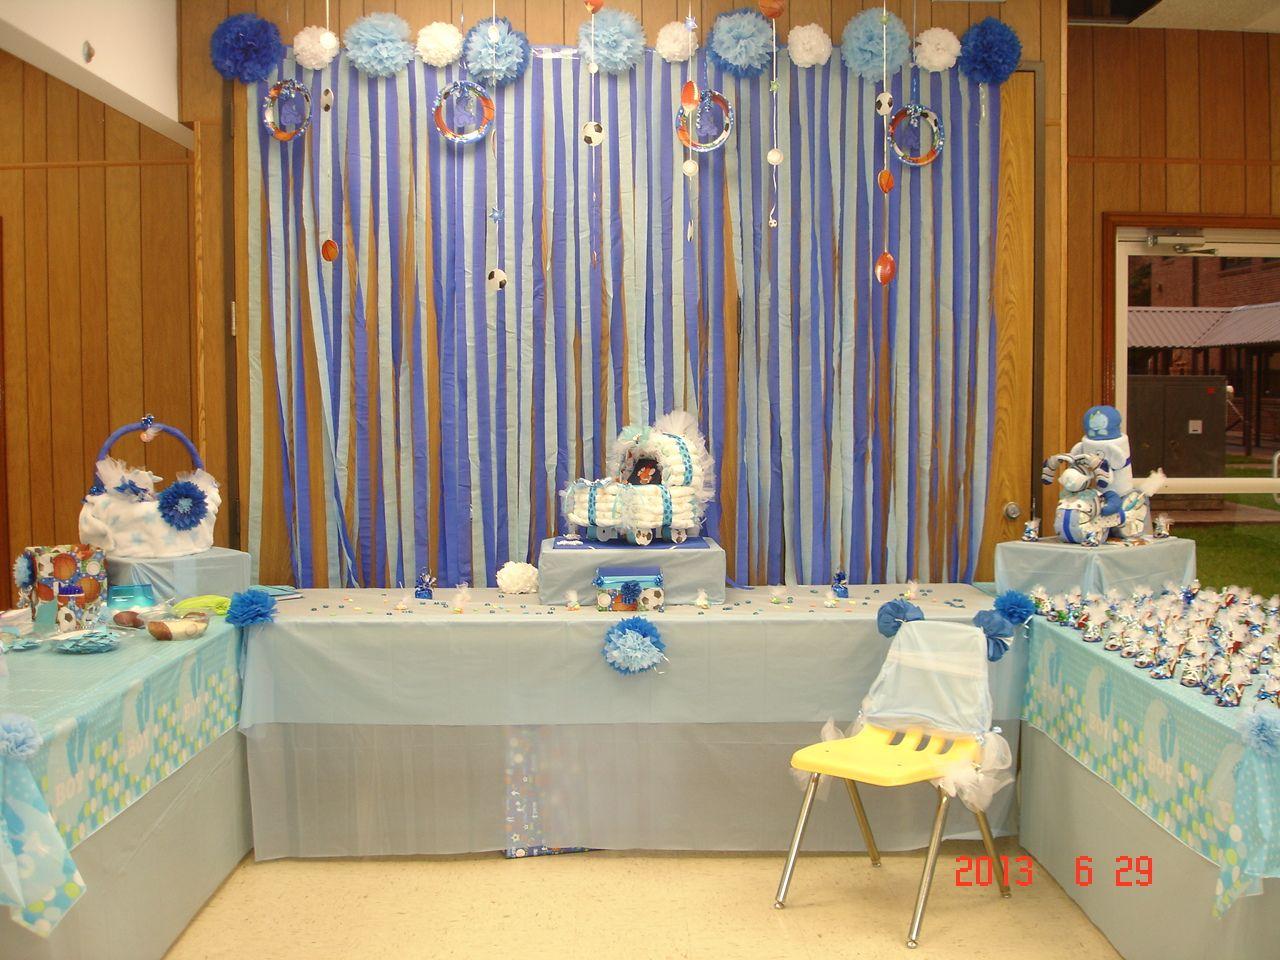 Amazing Baby Shower Backdrop Set Up